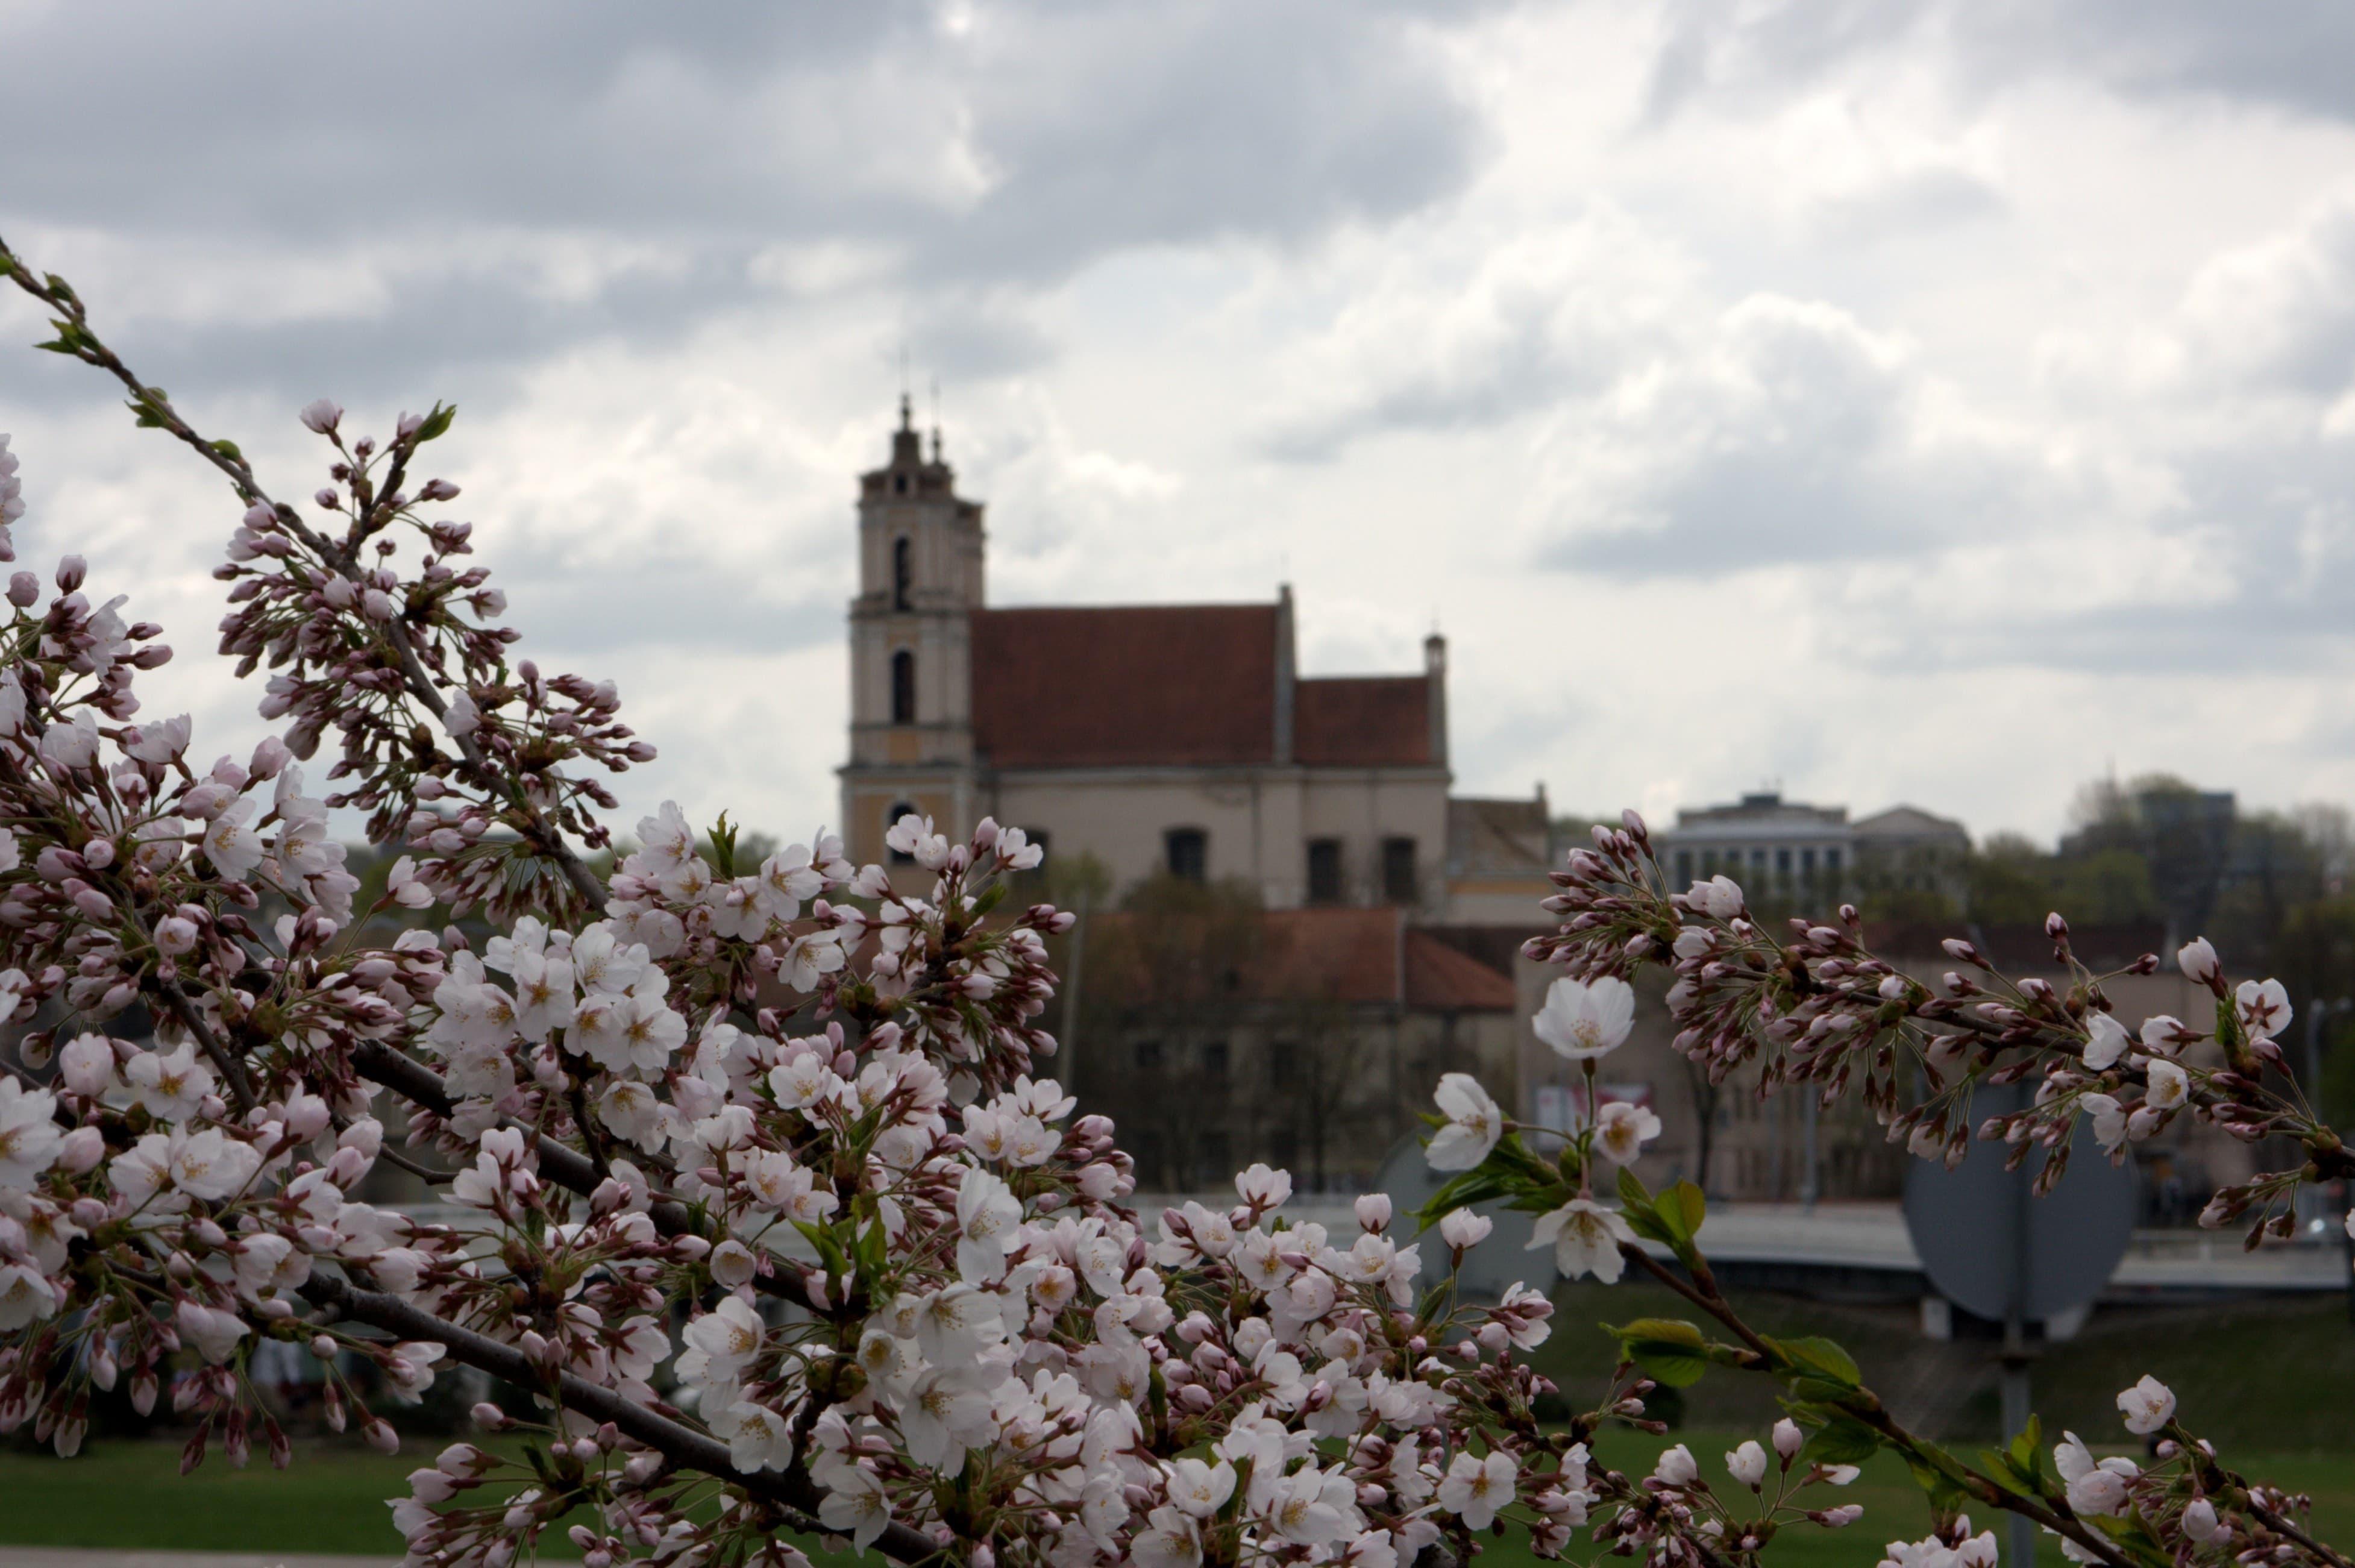 Spring bloom in Vilnius